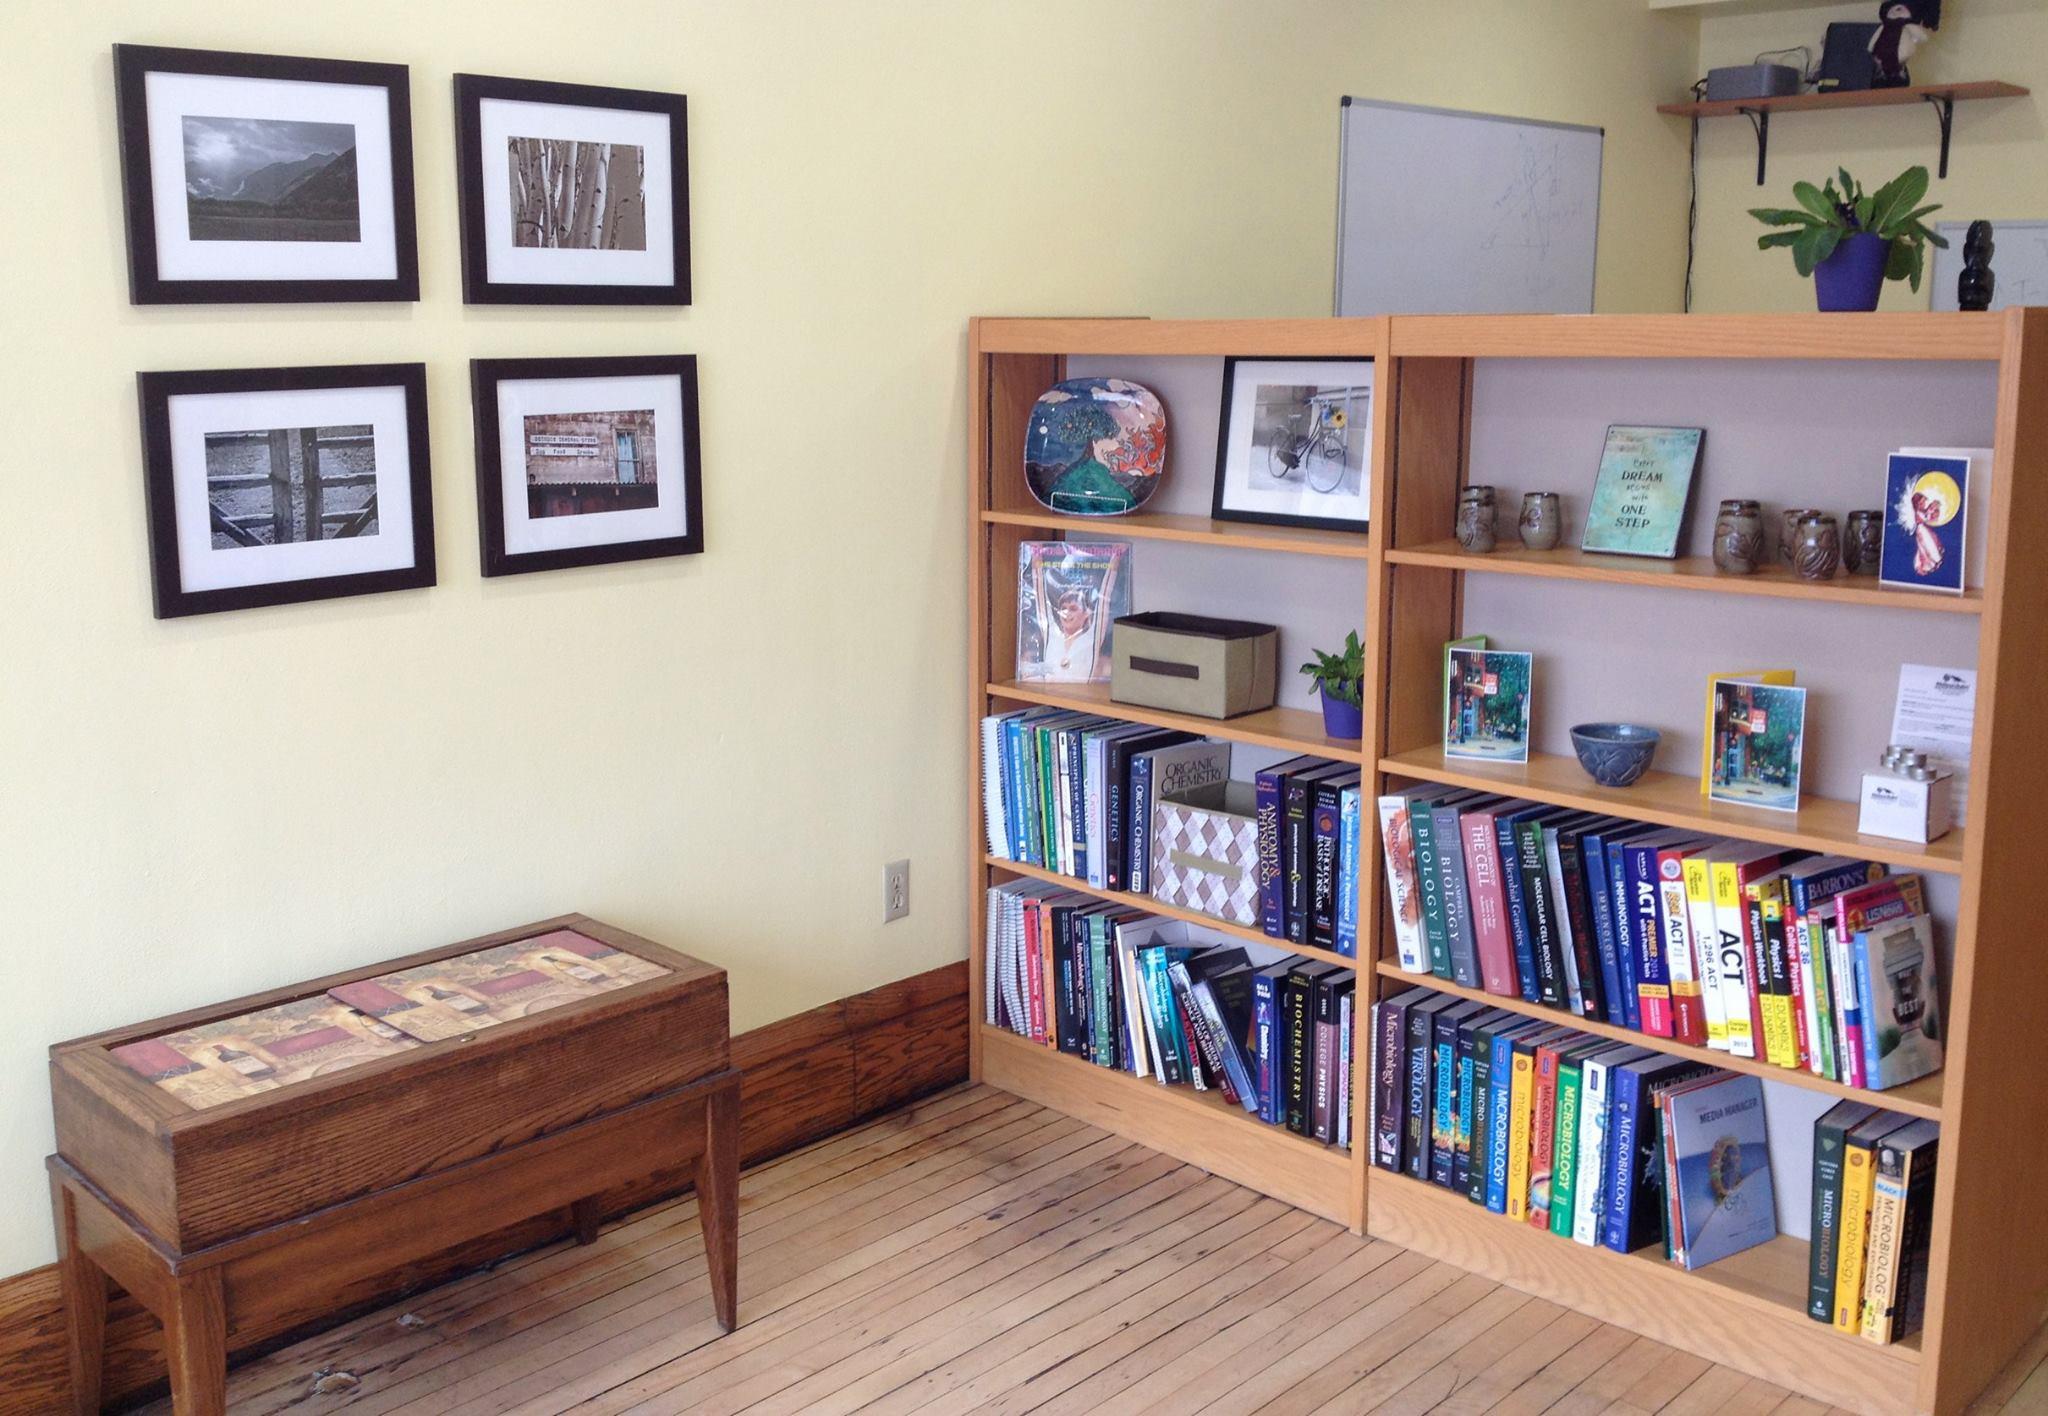 Tutoring Studio Shelves